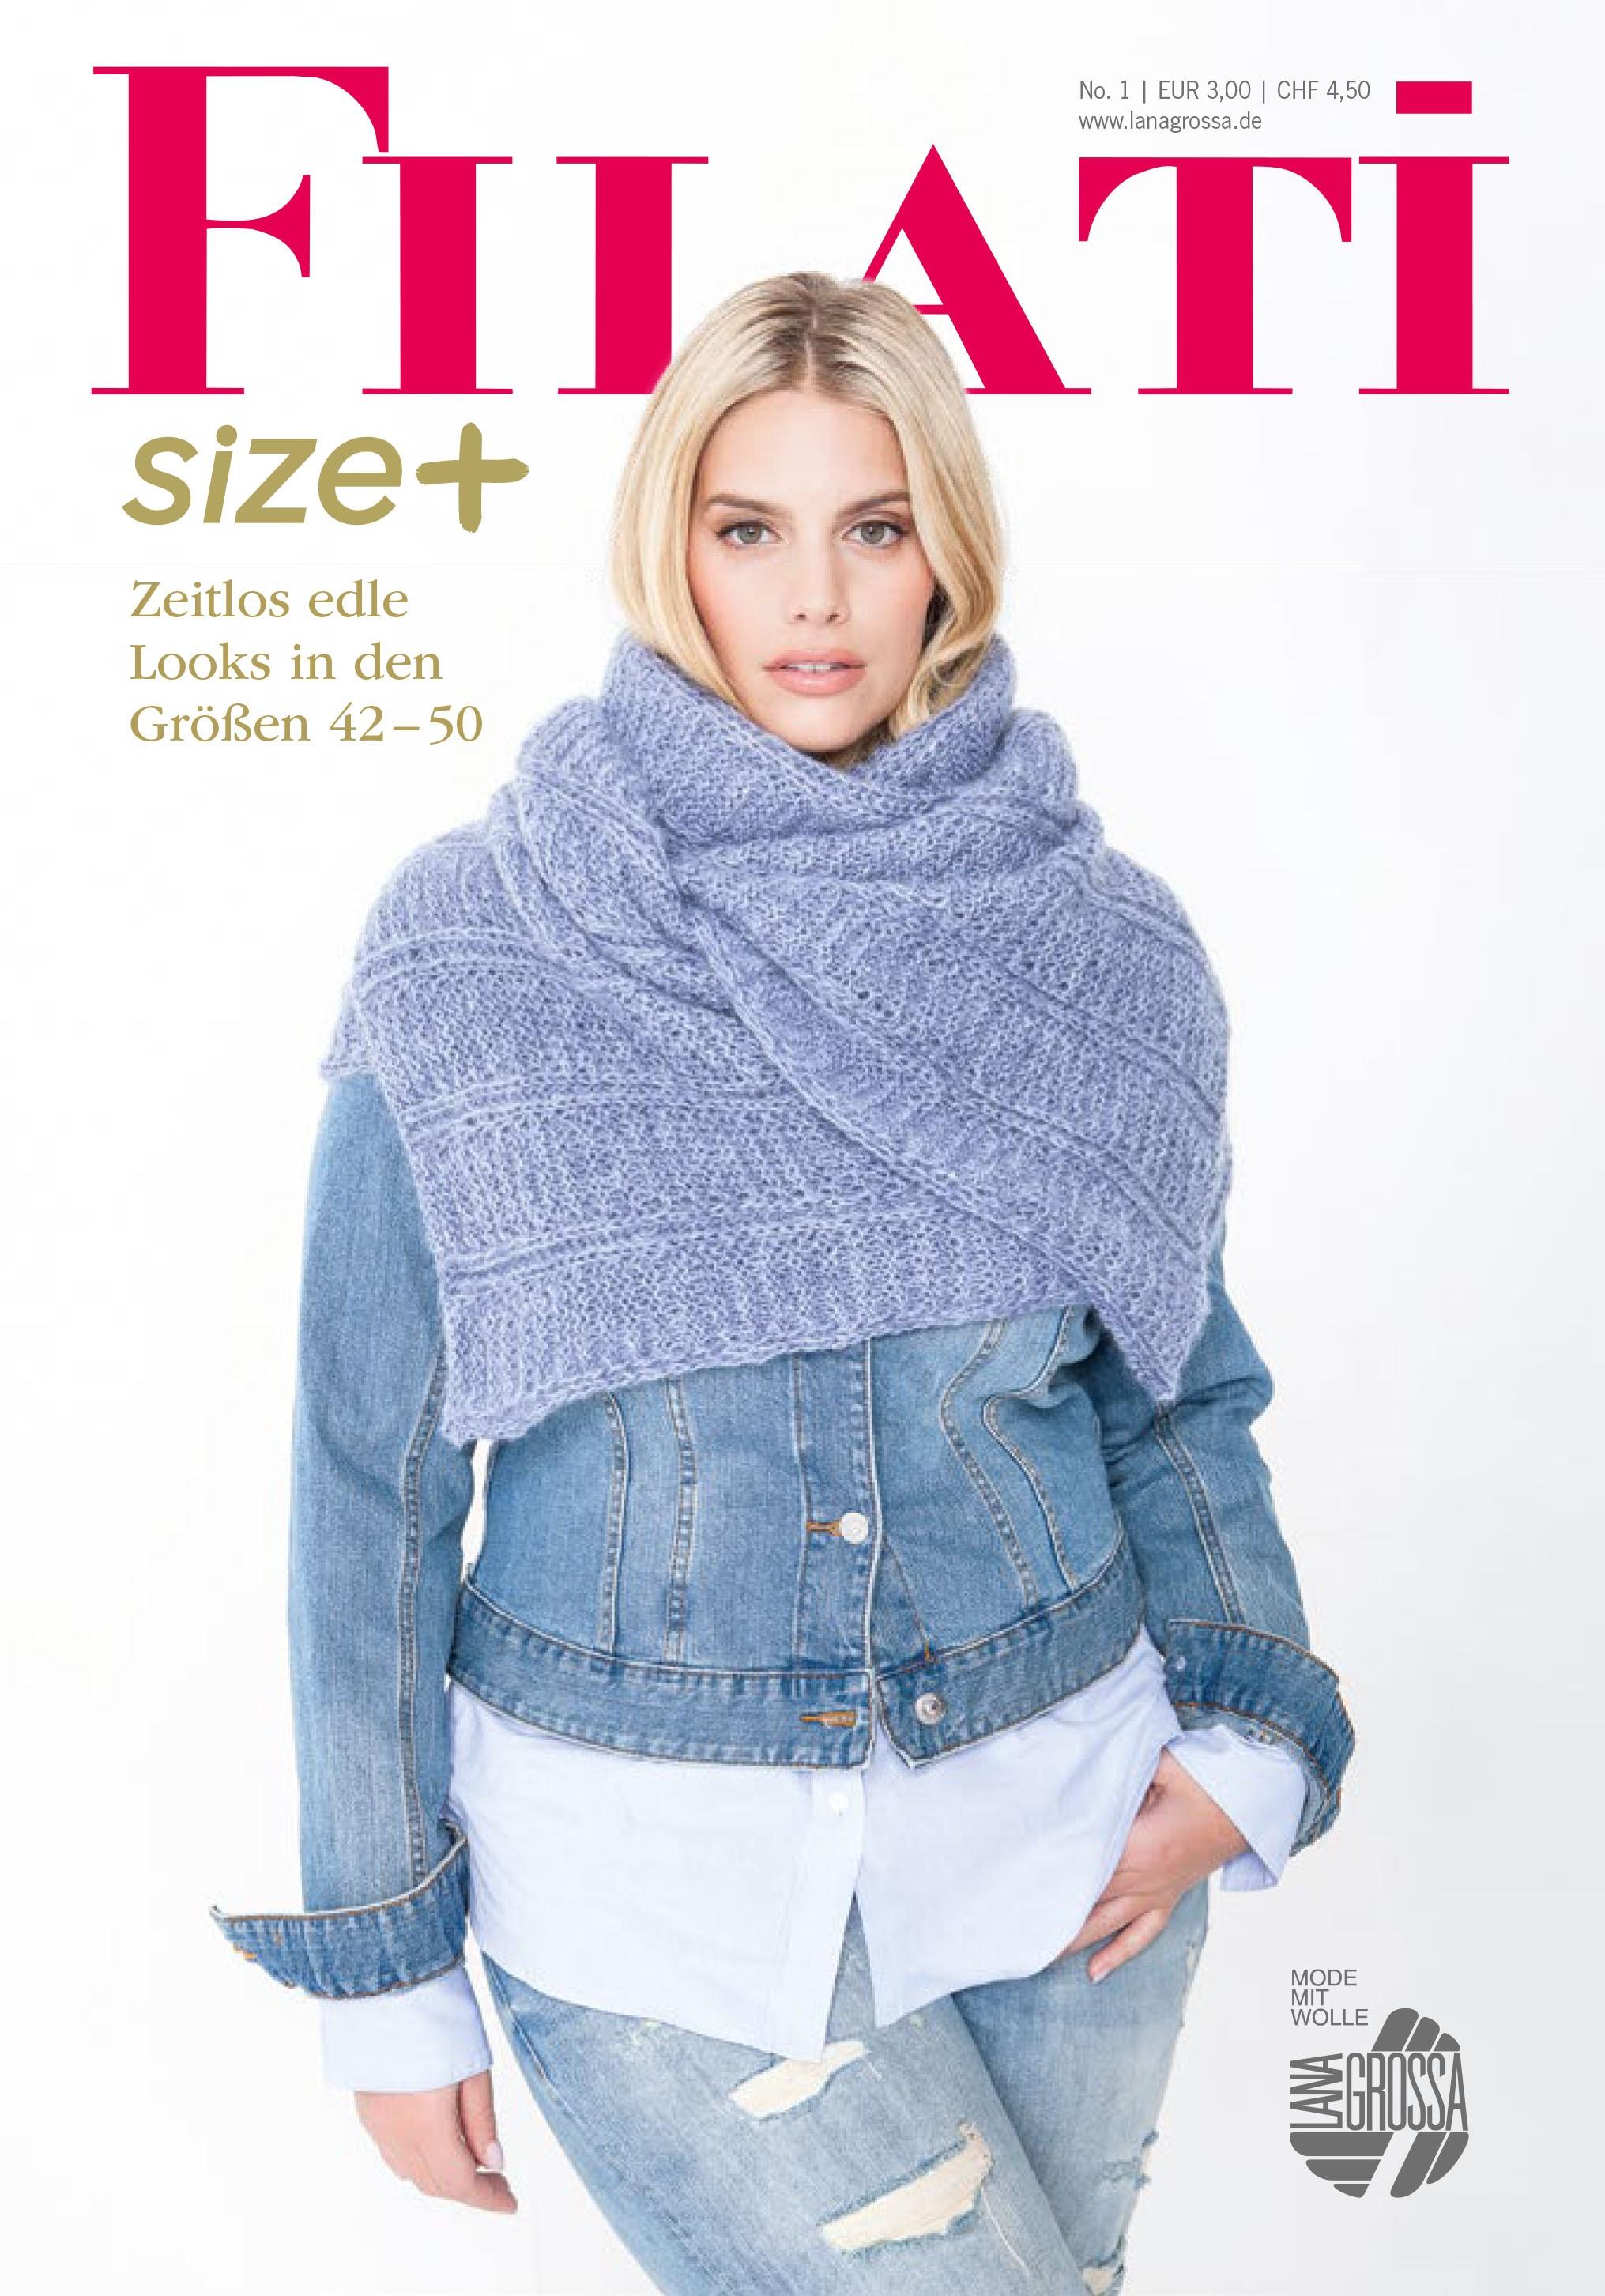 Lana Grossa FILATI Size Plus - Журнал на немецком и на русском языке инструкции